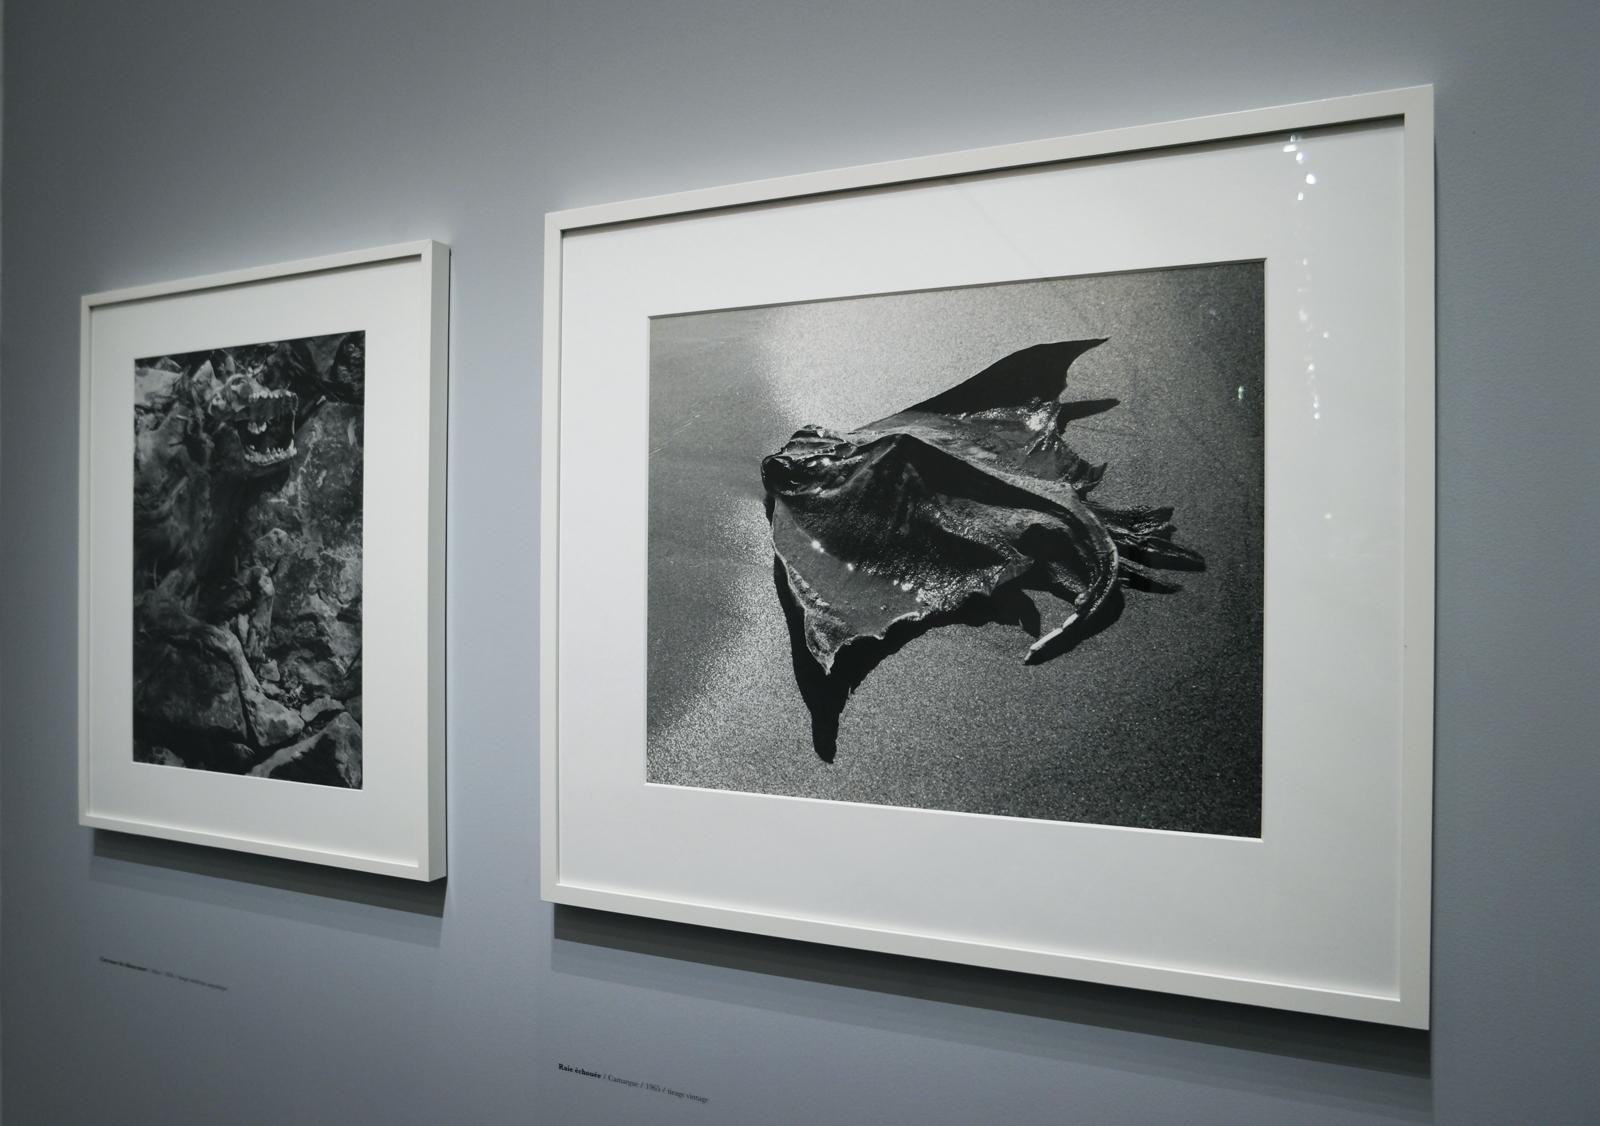 Raie échouée, Camargue, 1965, Lucien Clergue